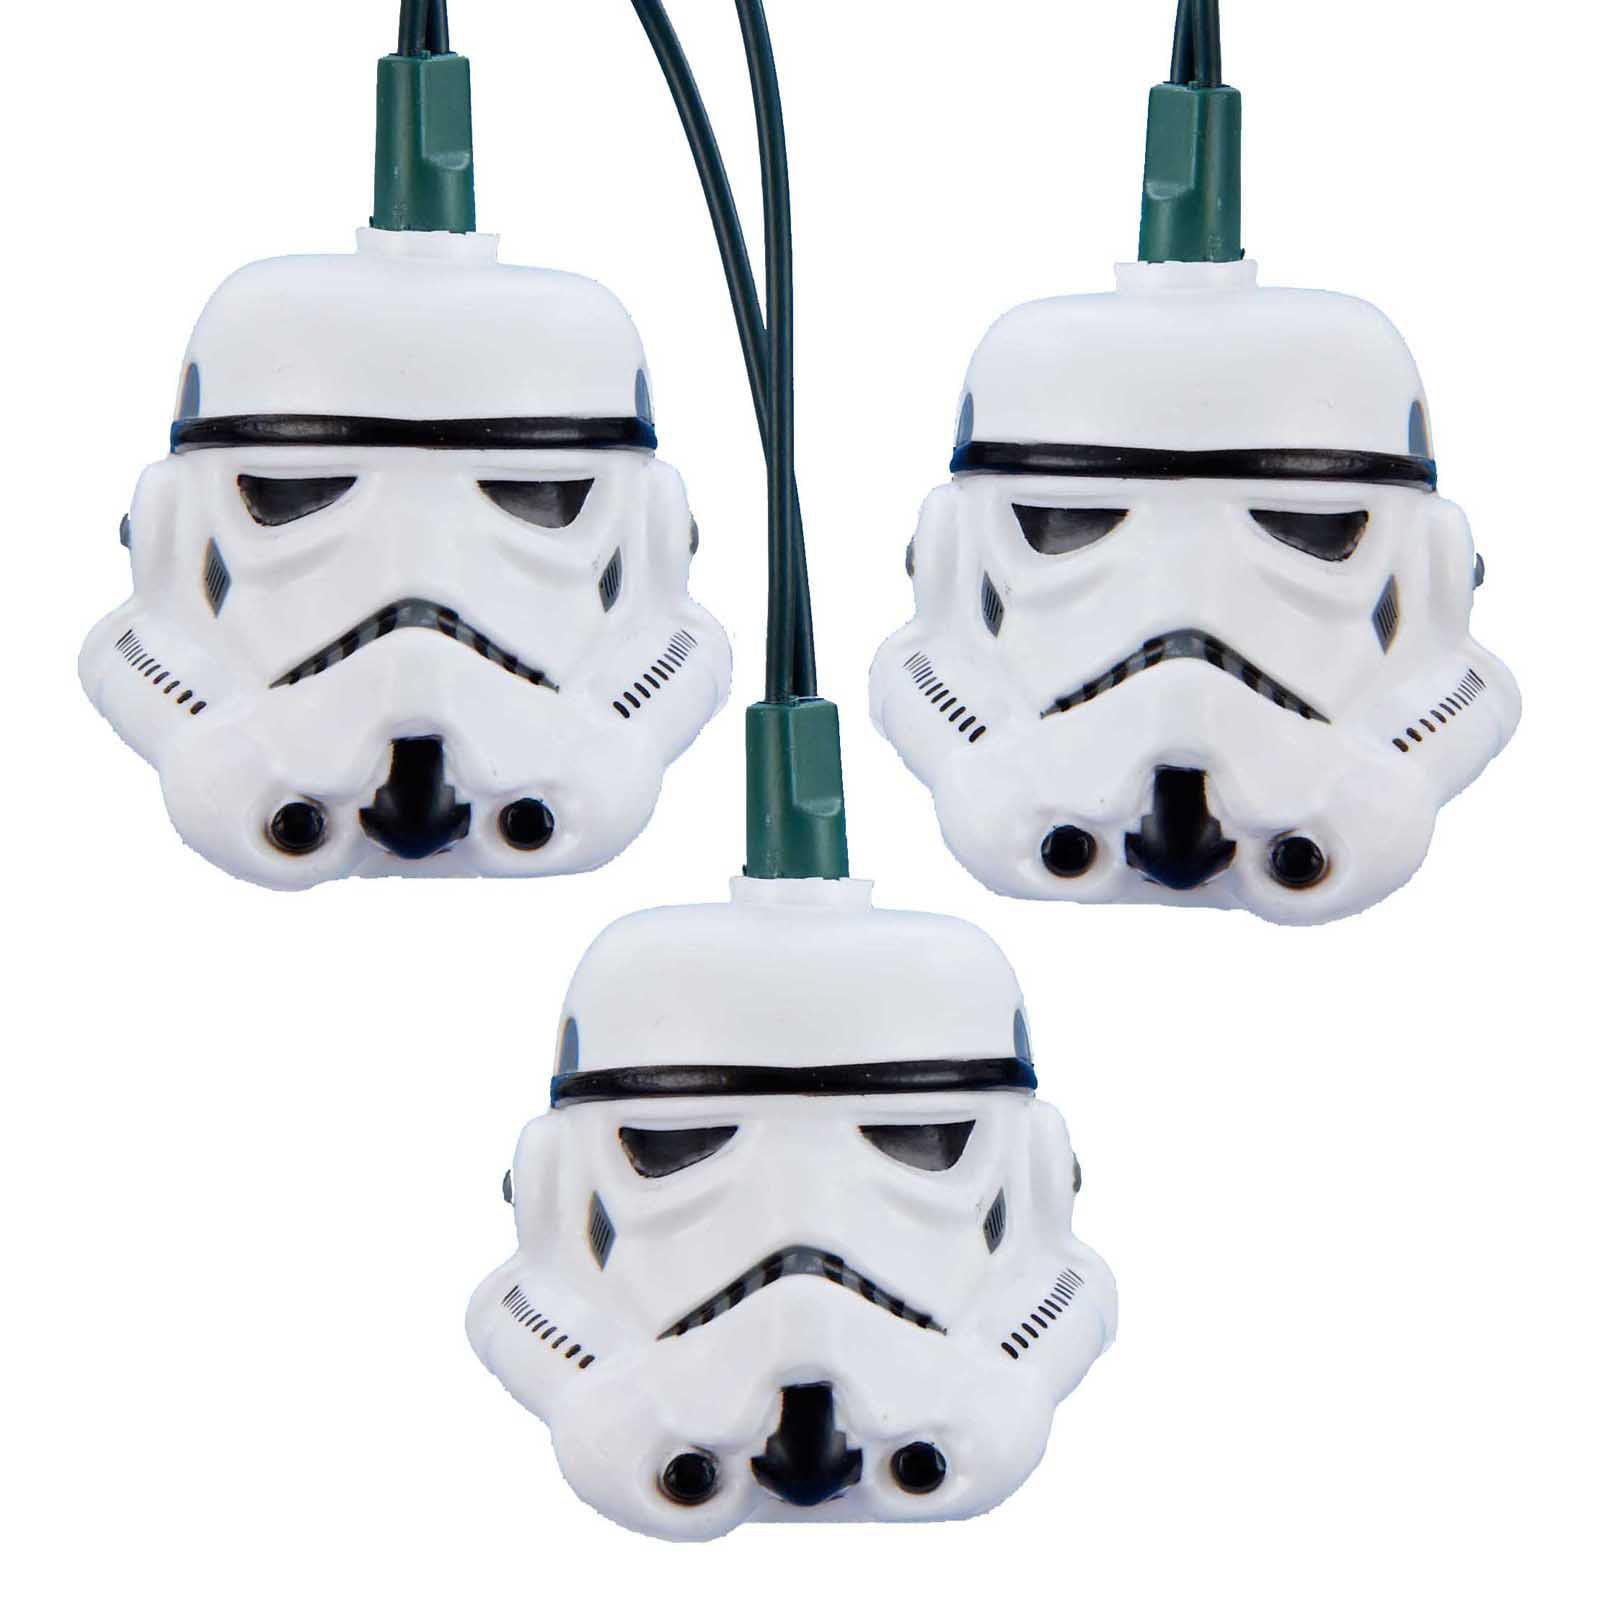 Kurt Adler UL 10-Light Stormtrooper Light Set